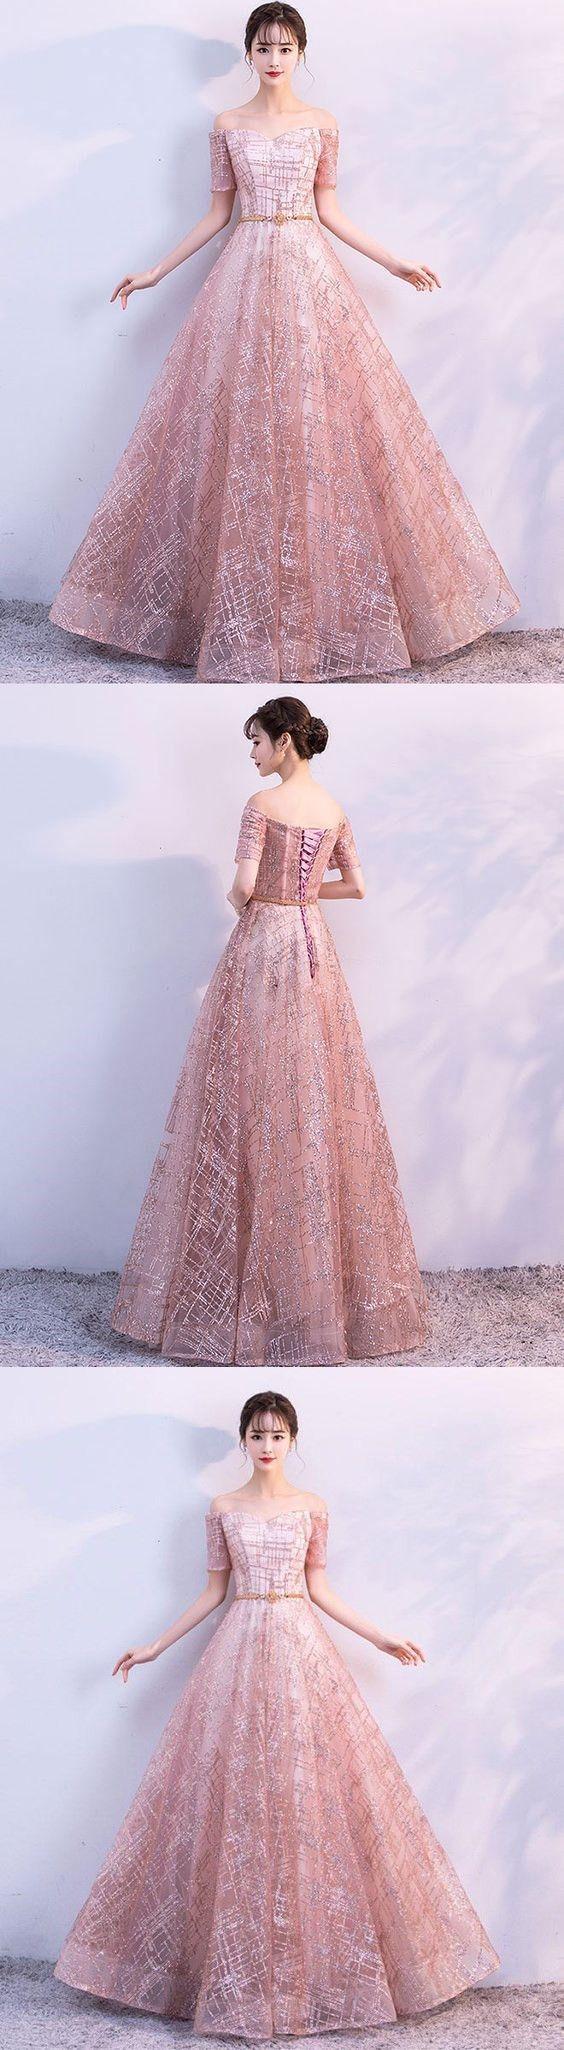 Mejores 180 imágenes de Carmella en Pinterest | Vestidos de novia ...